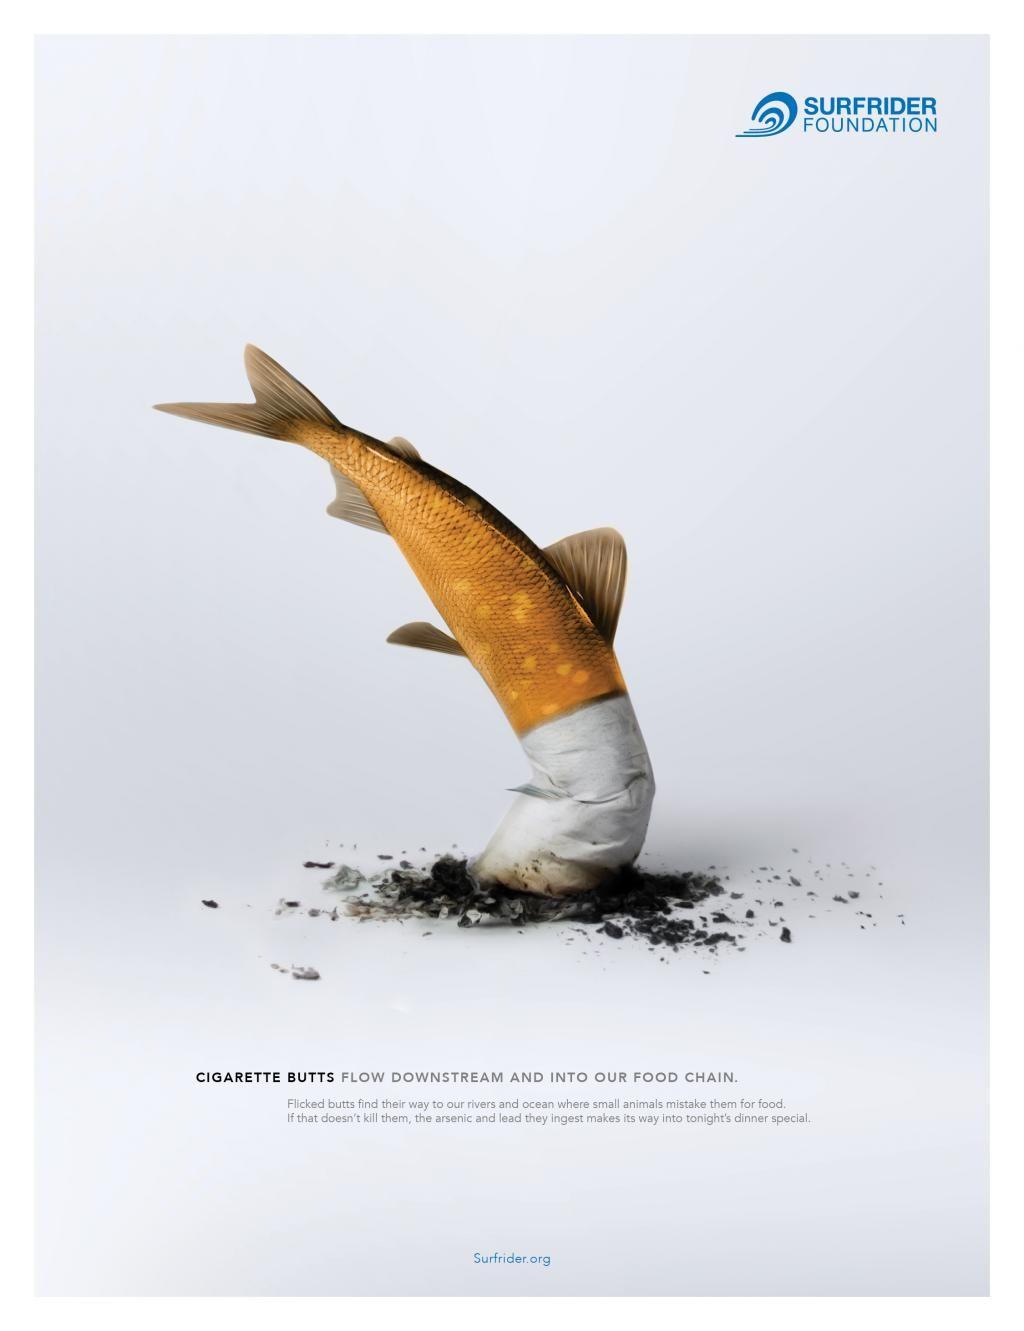 Die NGO Surfrider Foundation will mittels dieser Anzeige auf die Verschmutzung auf dem Planeten durch Zigarettenstummel aufmerksam machen. Denn dieser Müll ist nicht biologisch abbaubar und viele Fische halten ihn im Wasser für Nahrung.